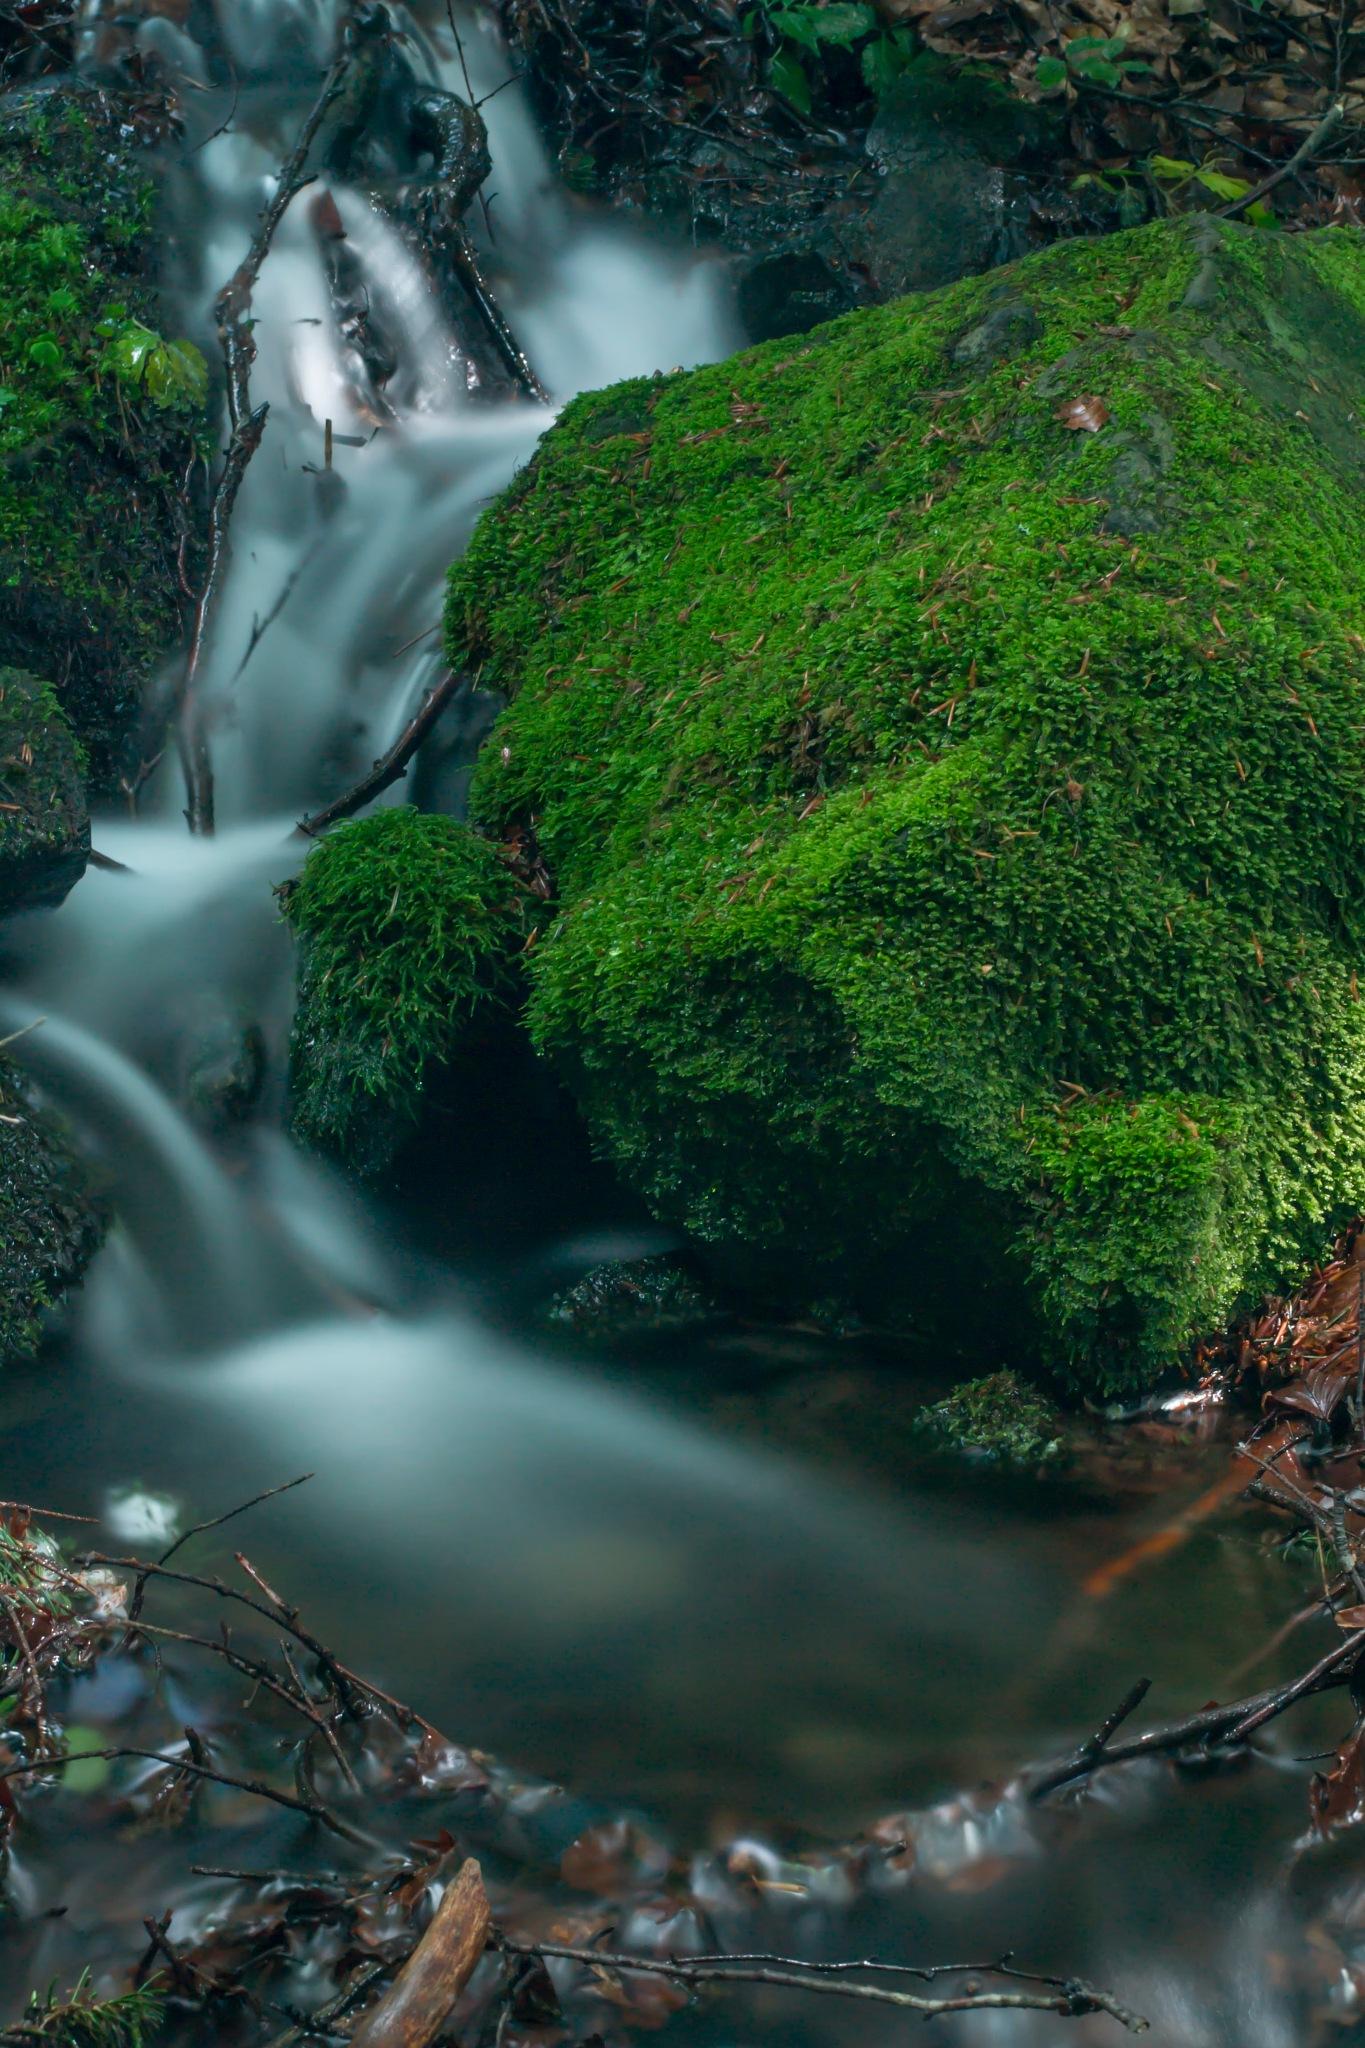 Water by Roman Borshovskyy